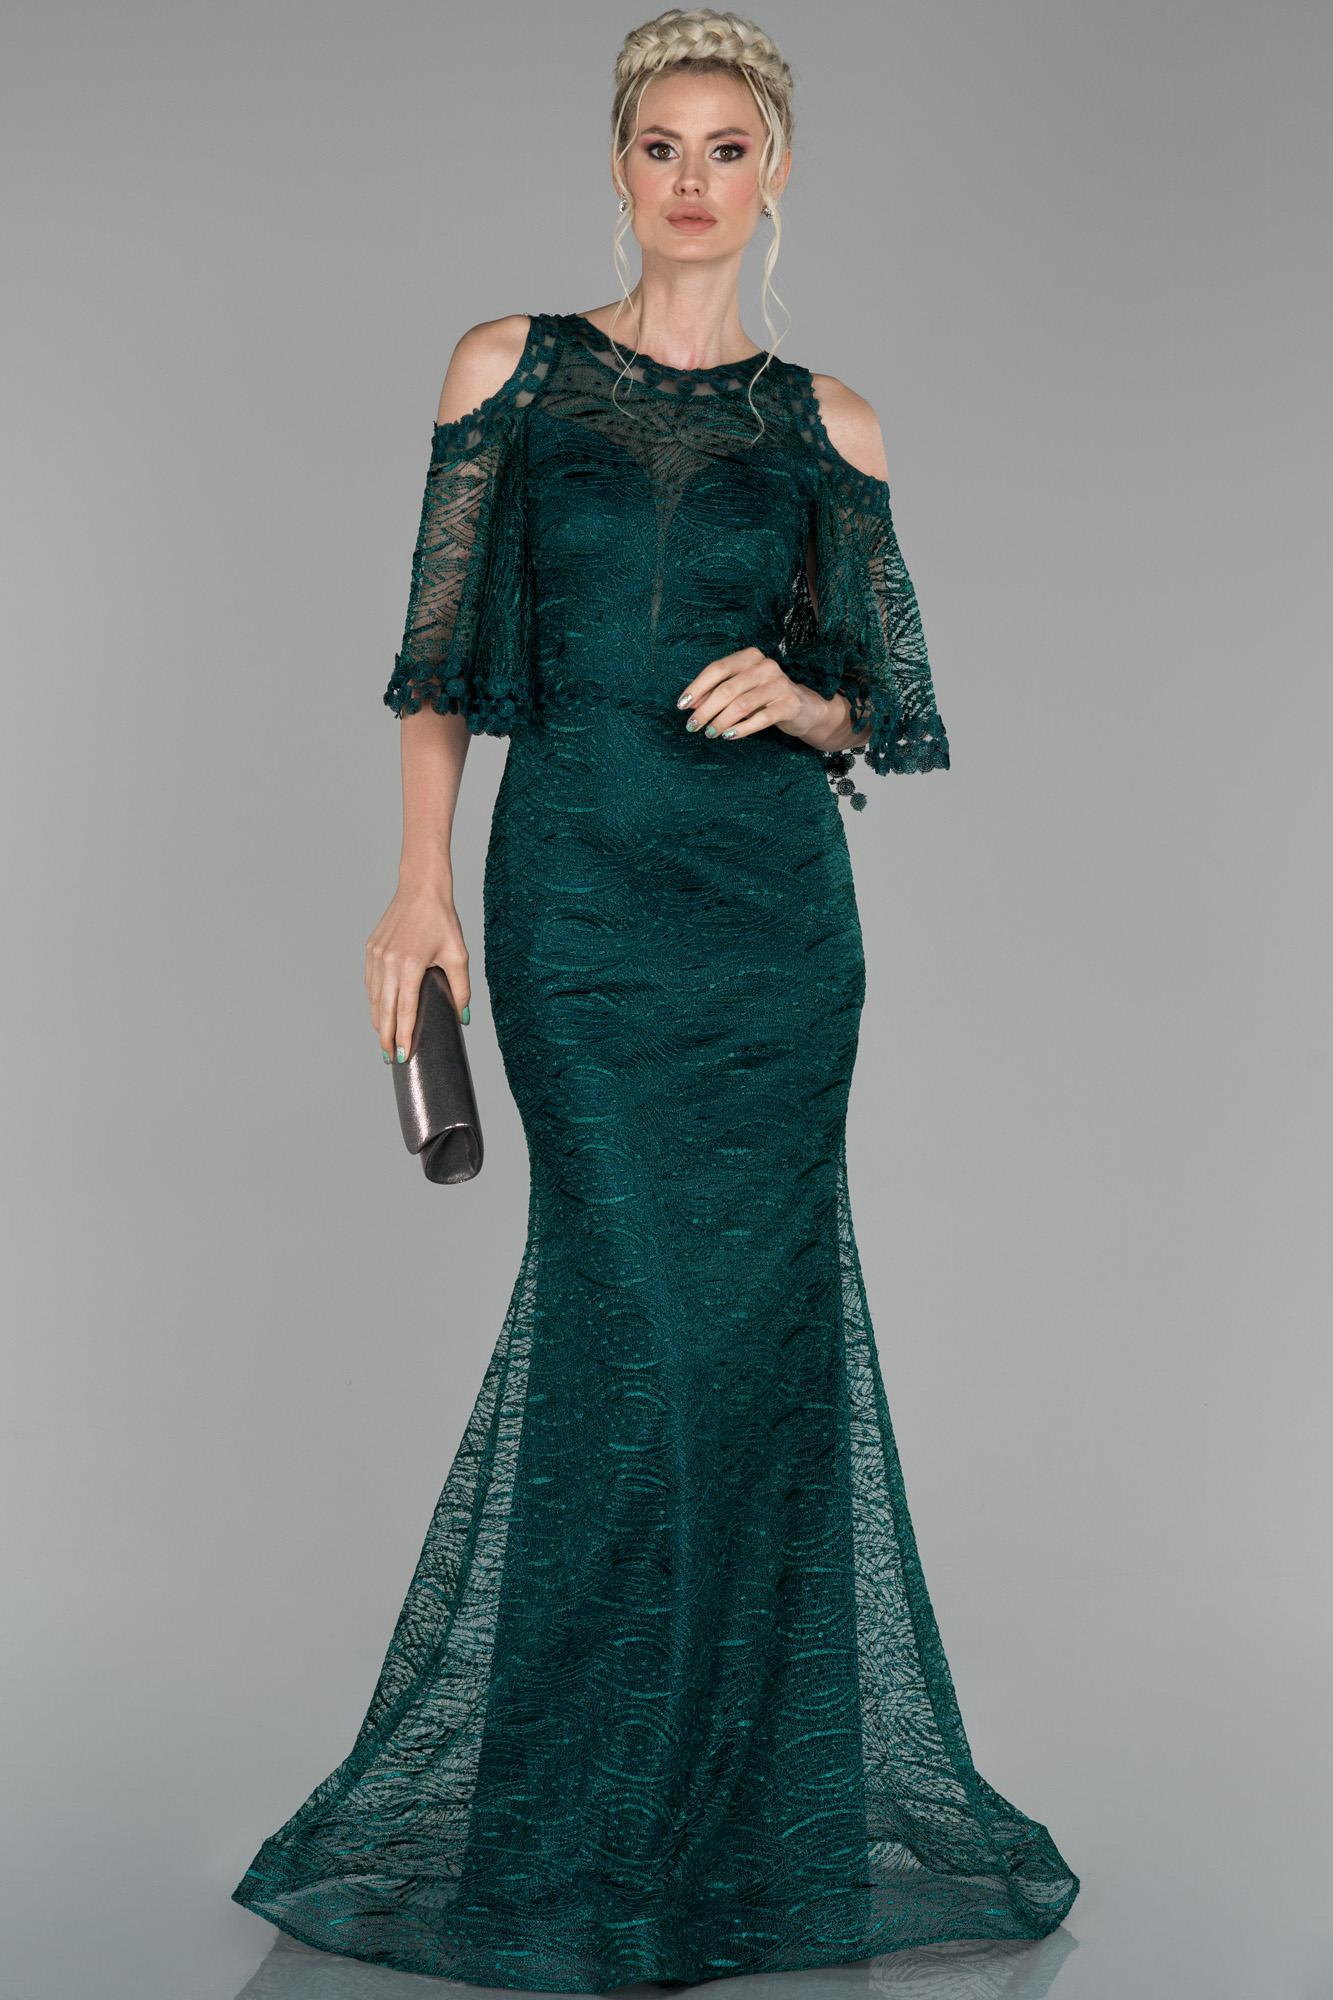 Zümrüt Yeşili Uzun Kol Detaylı Güpür Abiye Elbise